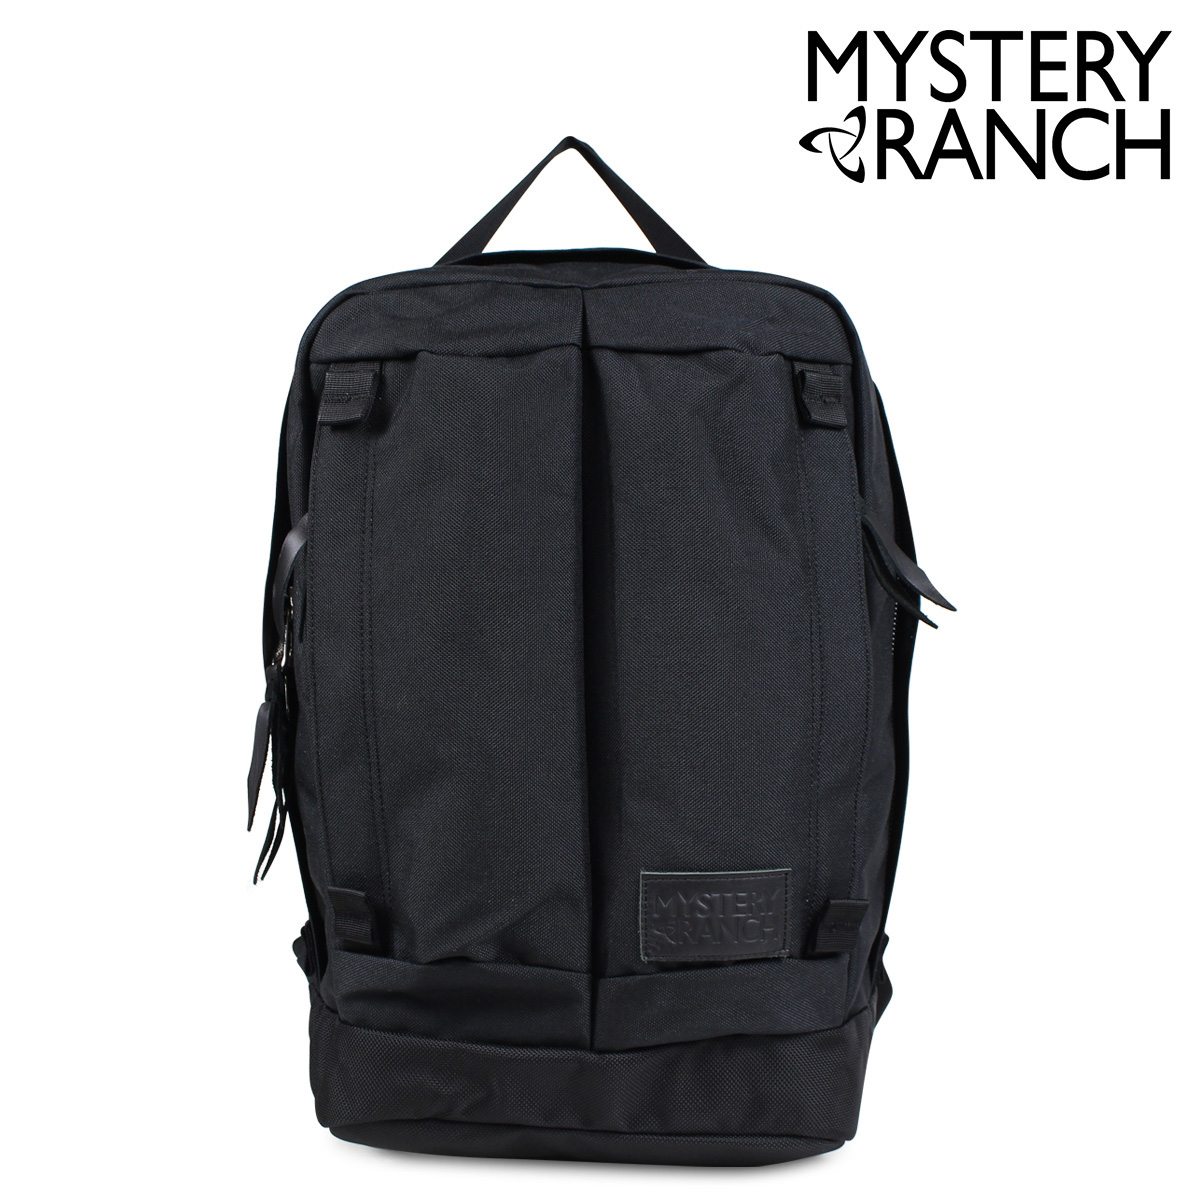 MYSTERY RANCH ミステリーランチ リュック デイパック シュタッド 21L STADT メンズ レディース ブラック 19761189